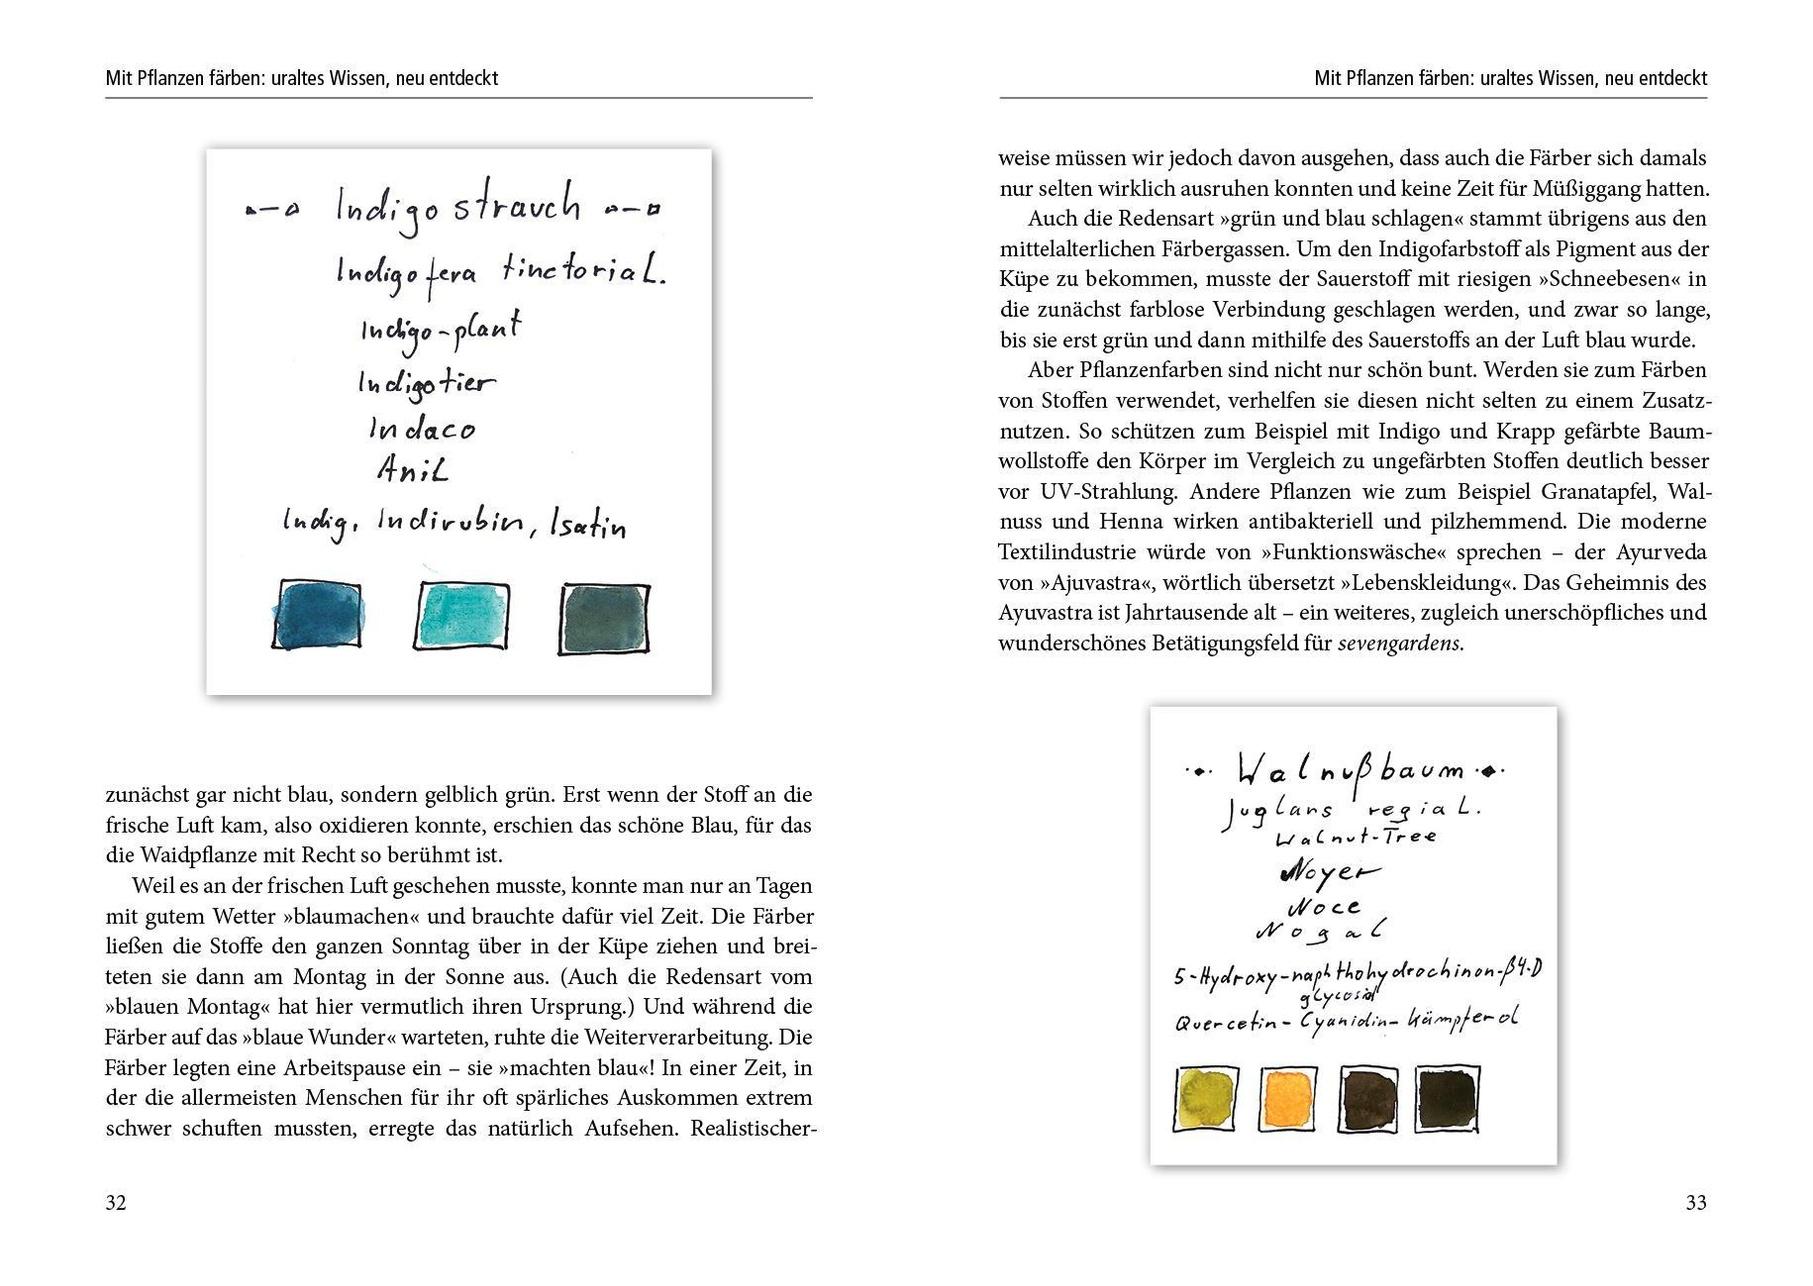 R, S - Band 7 - Seite 82 - Google Books-Ergebnisseite